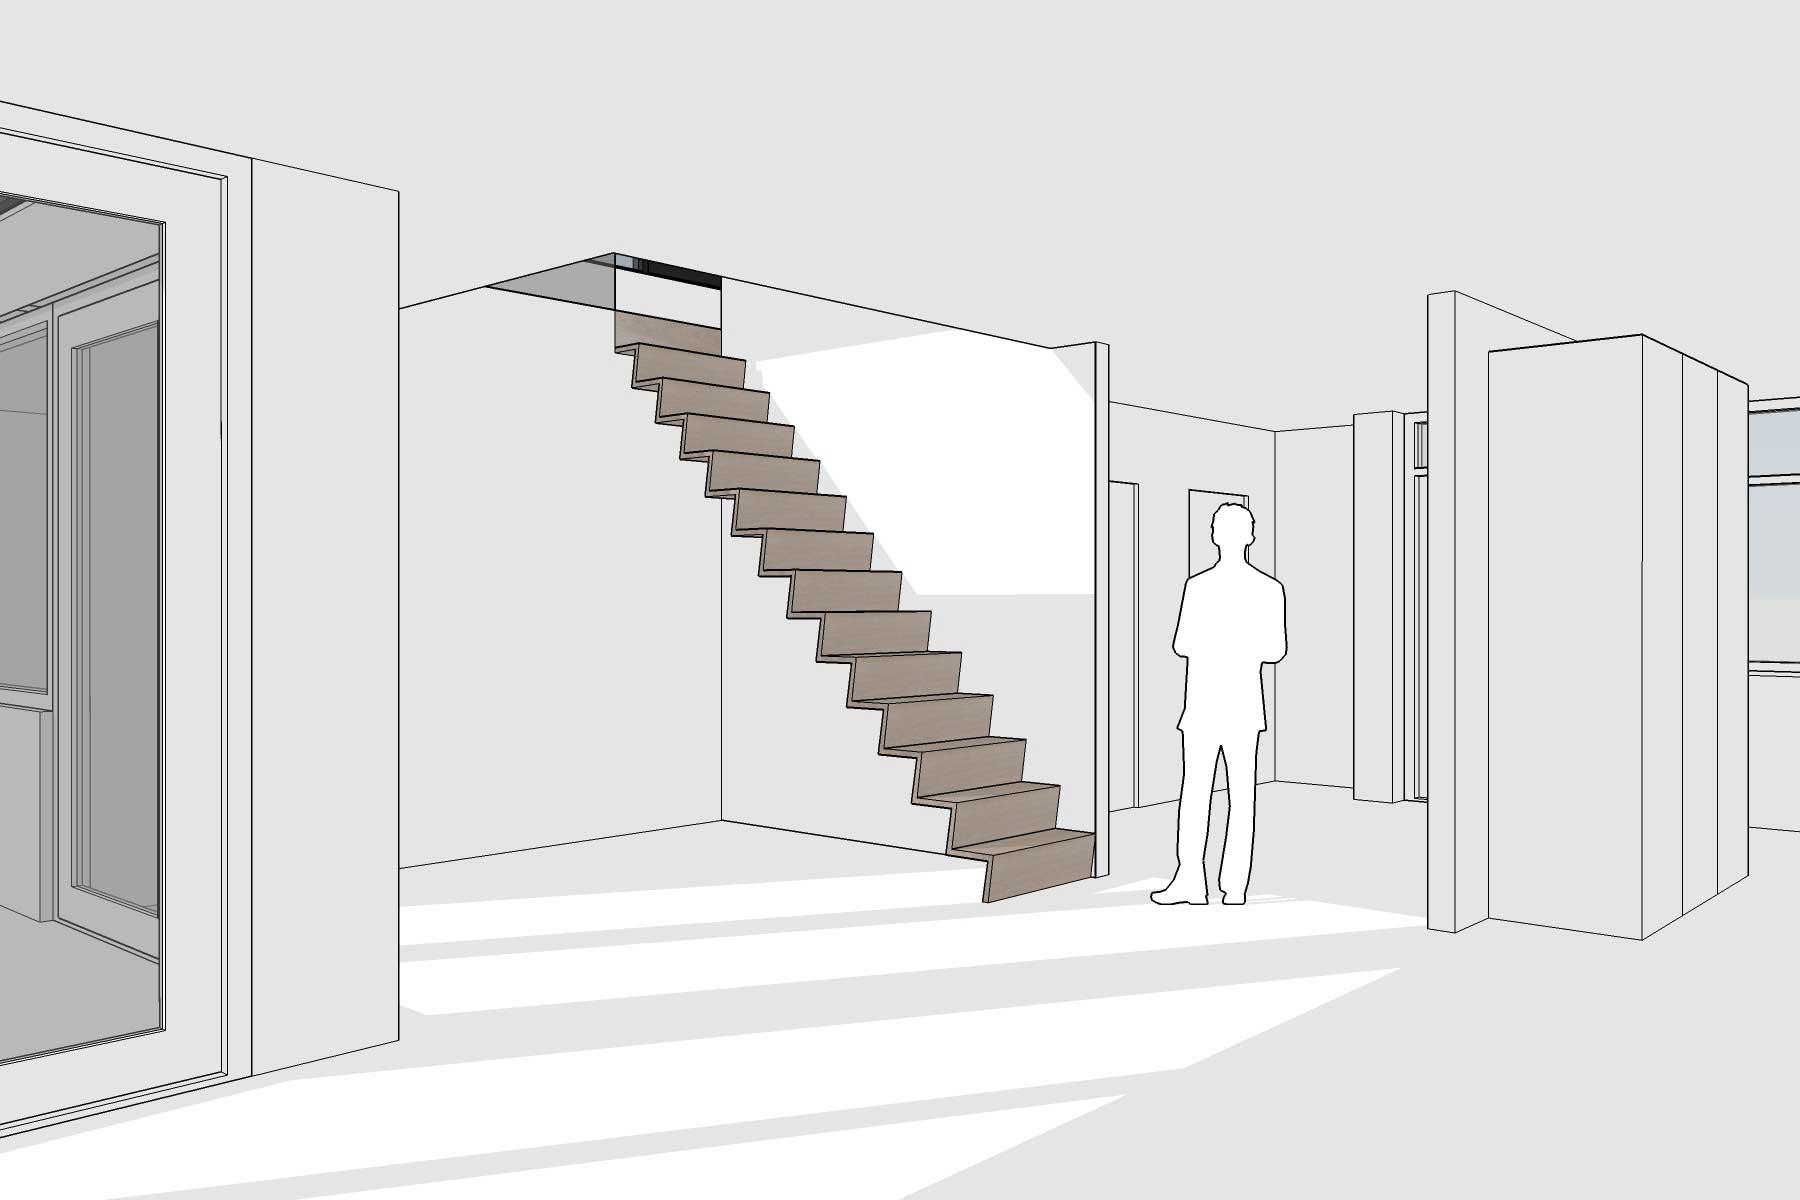 8A Architecten - Opbouw en verbouwing bungalow Krimpen aan den IJssel